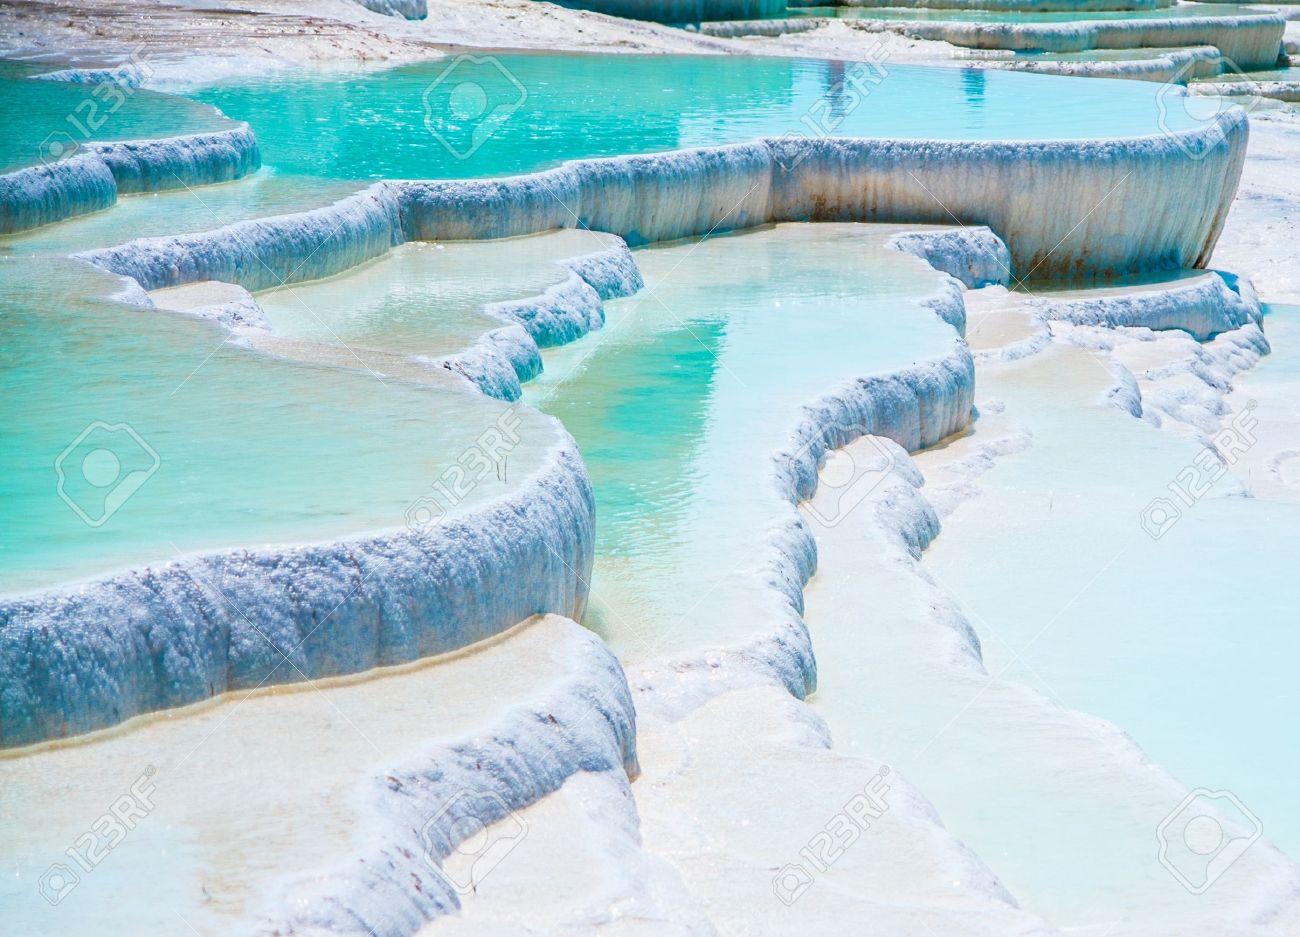 Piscines De Travertin Bleu Célèbres Et Terrasses à Pamukkale Turquie